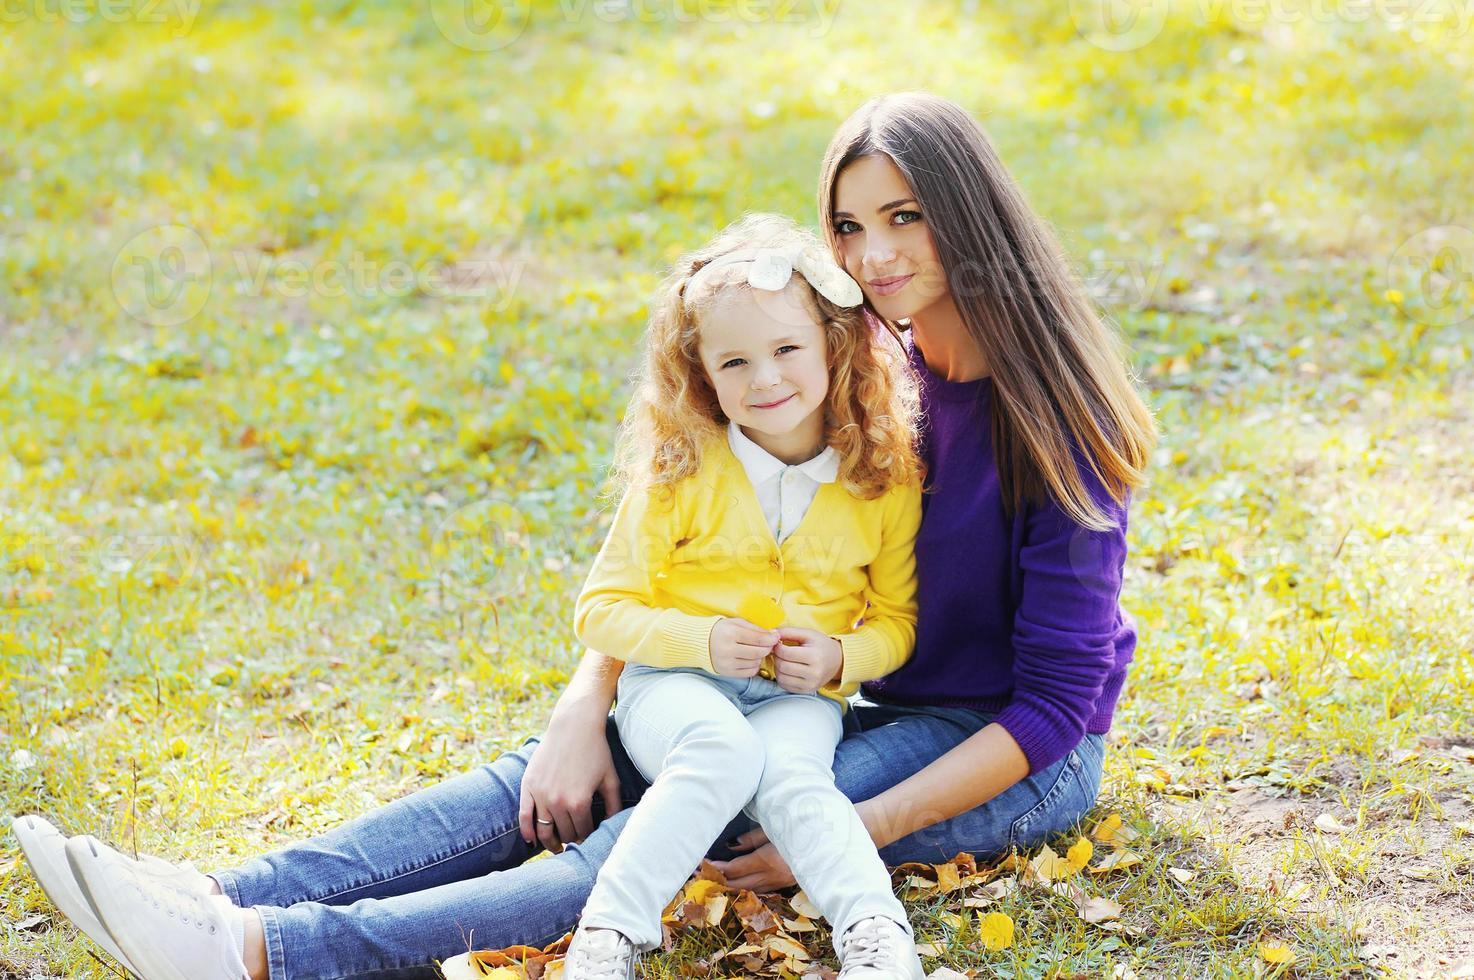 glückliche Familie im Herbstpark, Mutter mit Kind zusammen foto